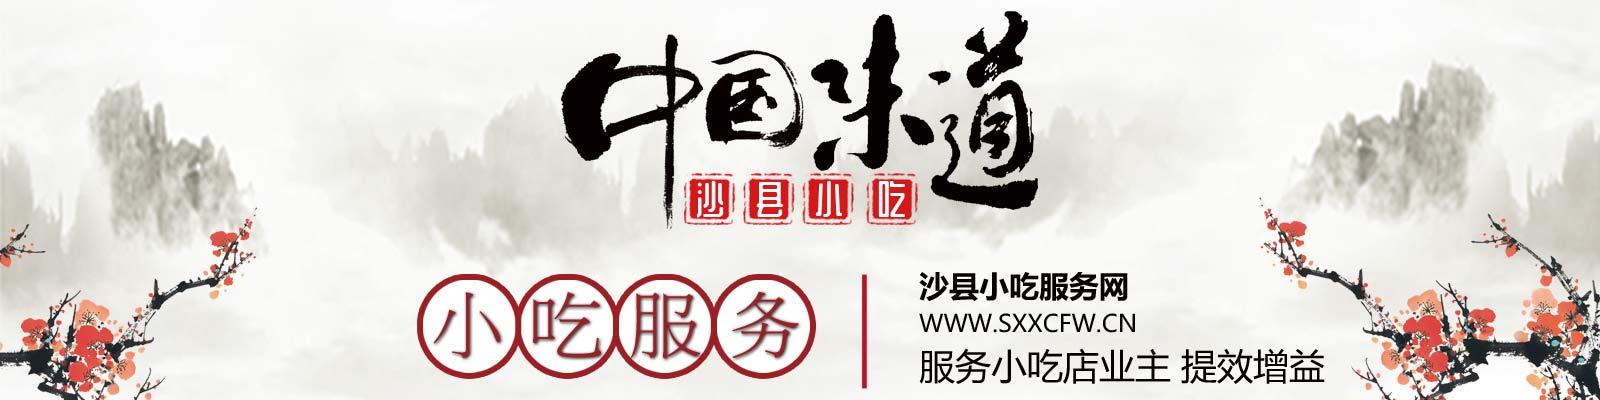 中国味道 - 沙县小吃服务 服务小吃店业主 提效增益